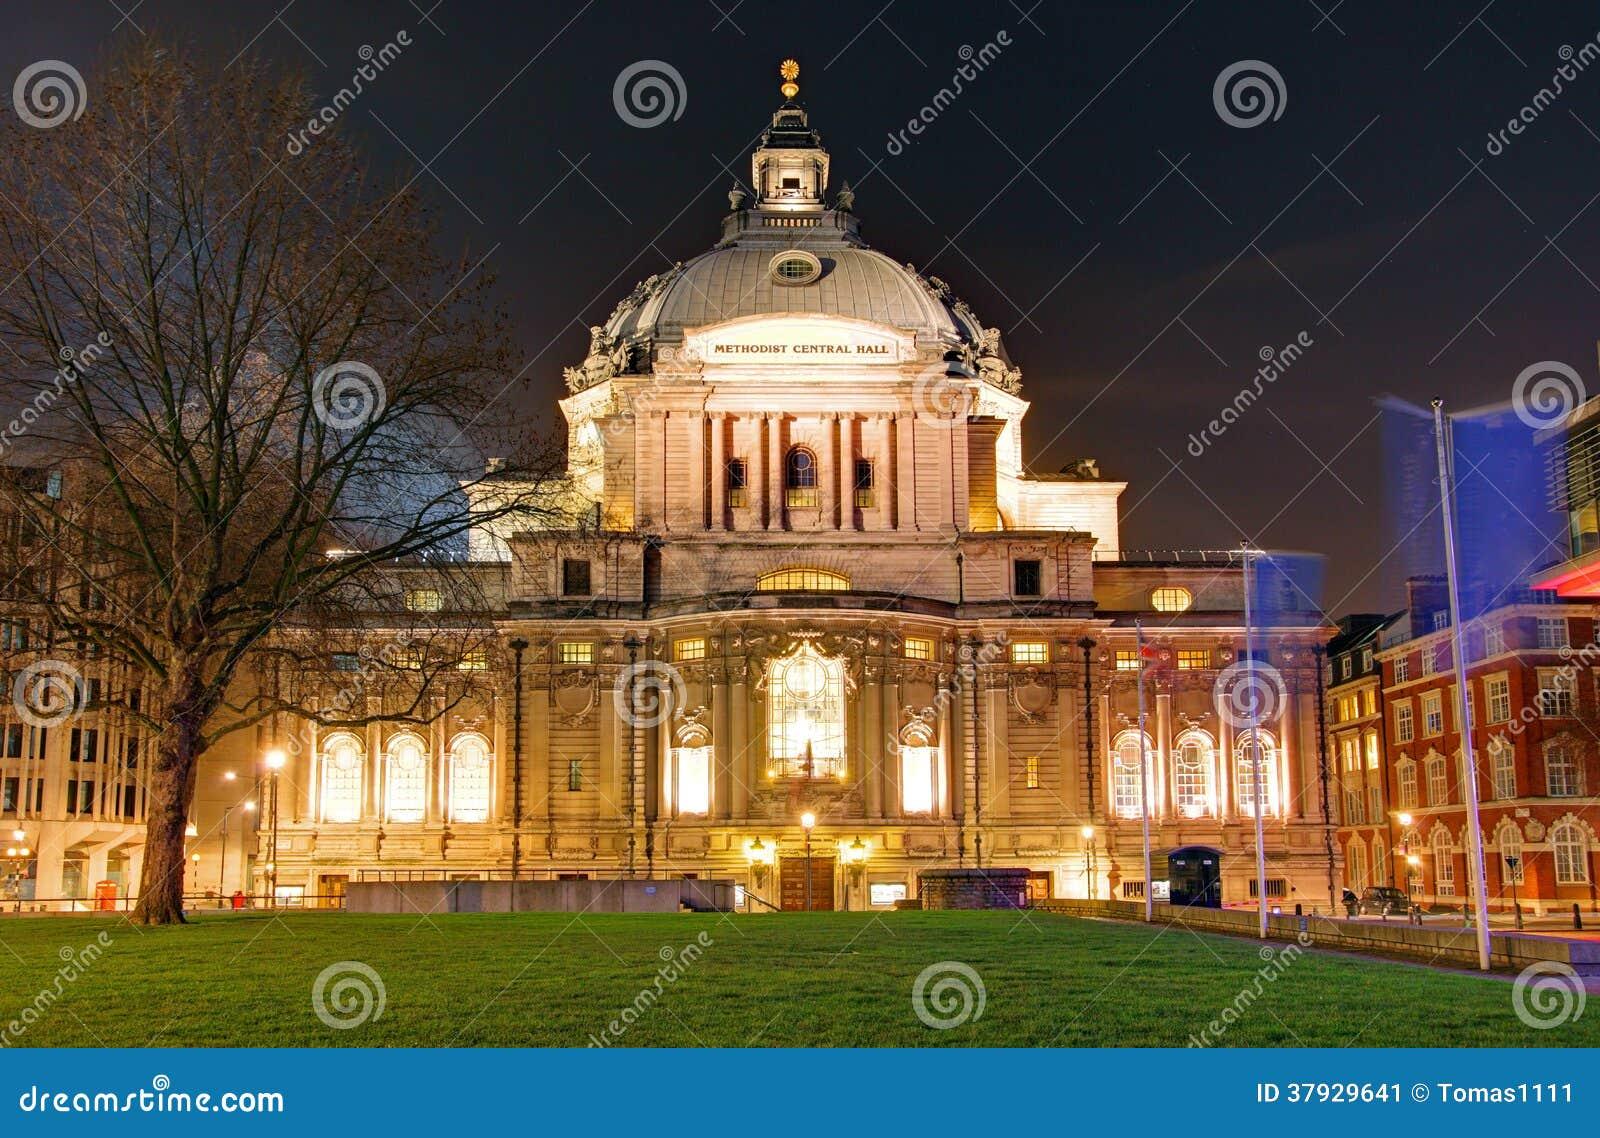 ЛОНДОН, ВЕЛИКОБРИТАНИЯ - 24-ОЕ ЯНВАРЯ: Методист центральный Hall, Вестминстер, Лондон